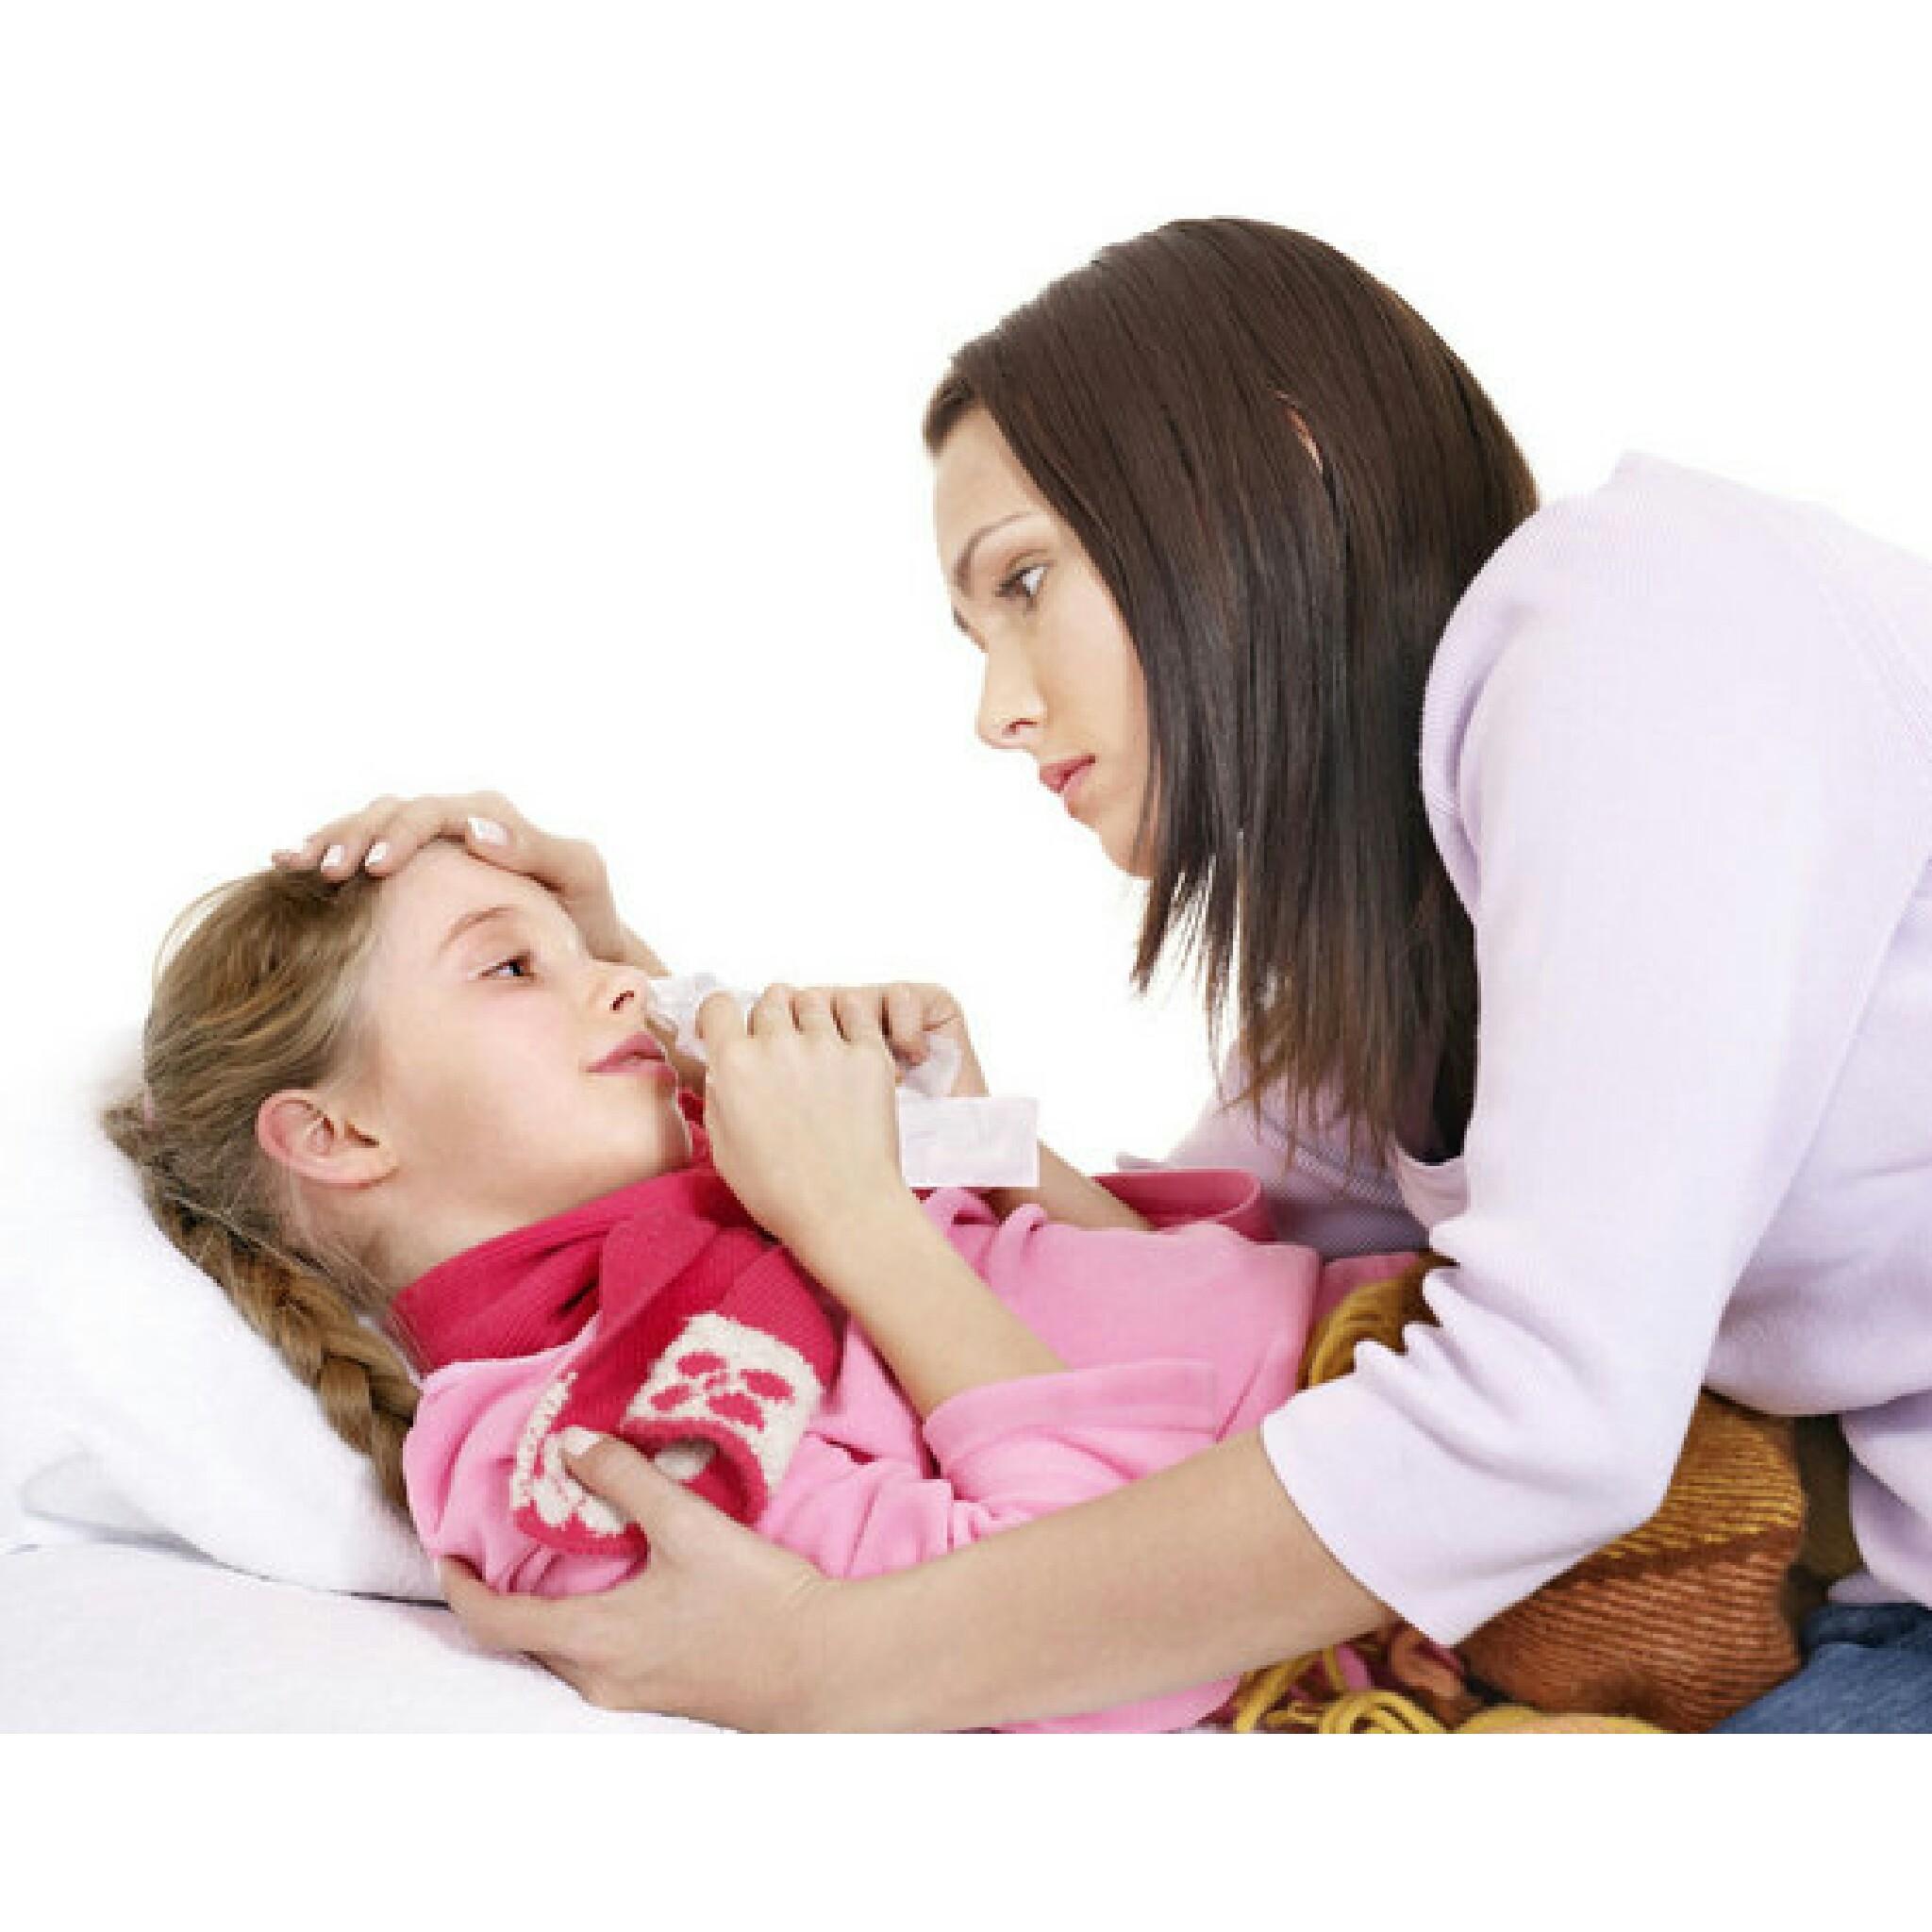 کودک و بیماری مزمن کلیوی